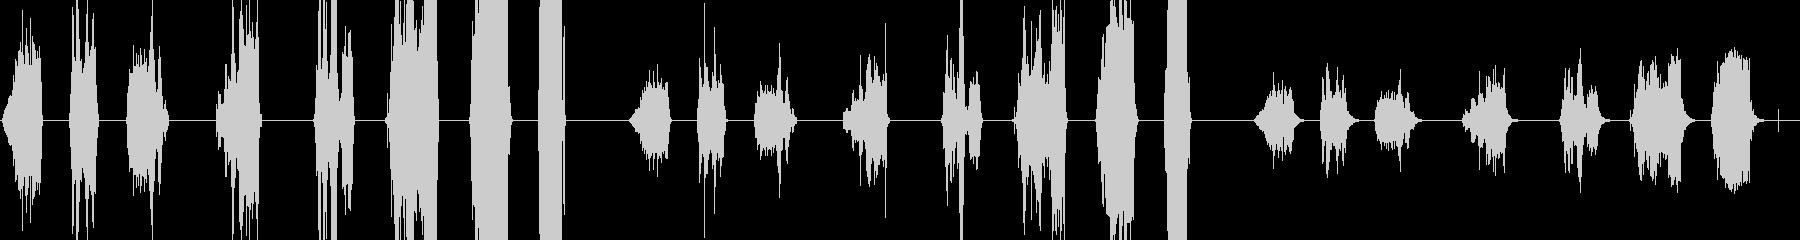 ダークディスハーモニックロープ-8...の未再生の波形